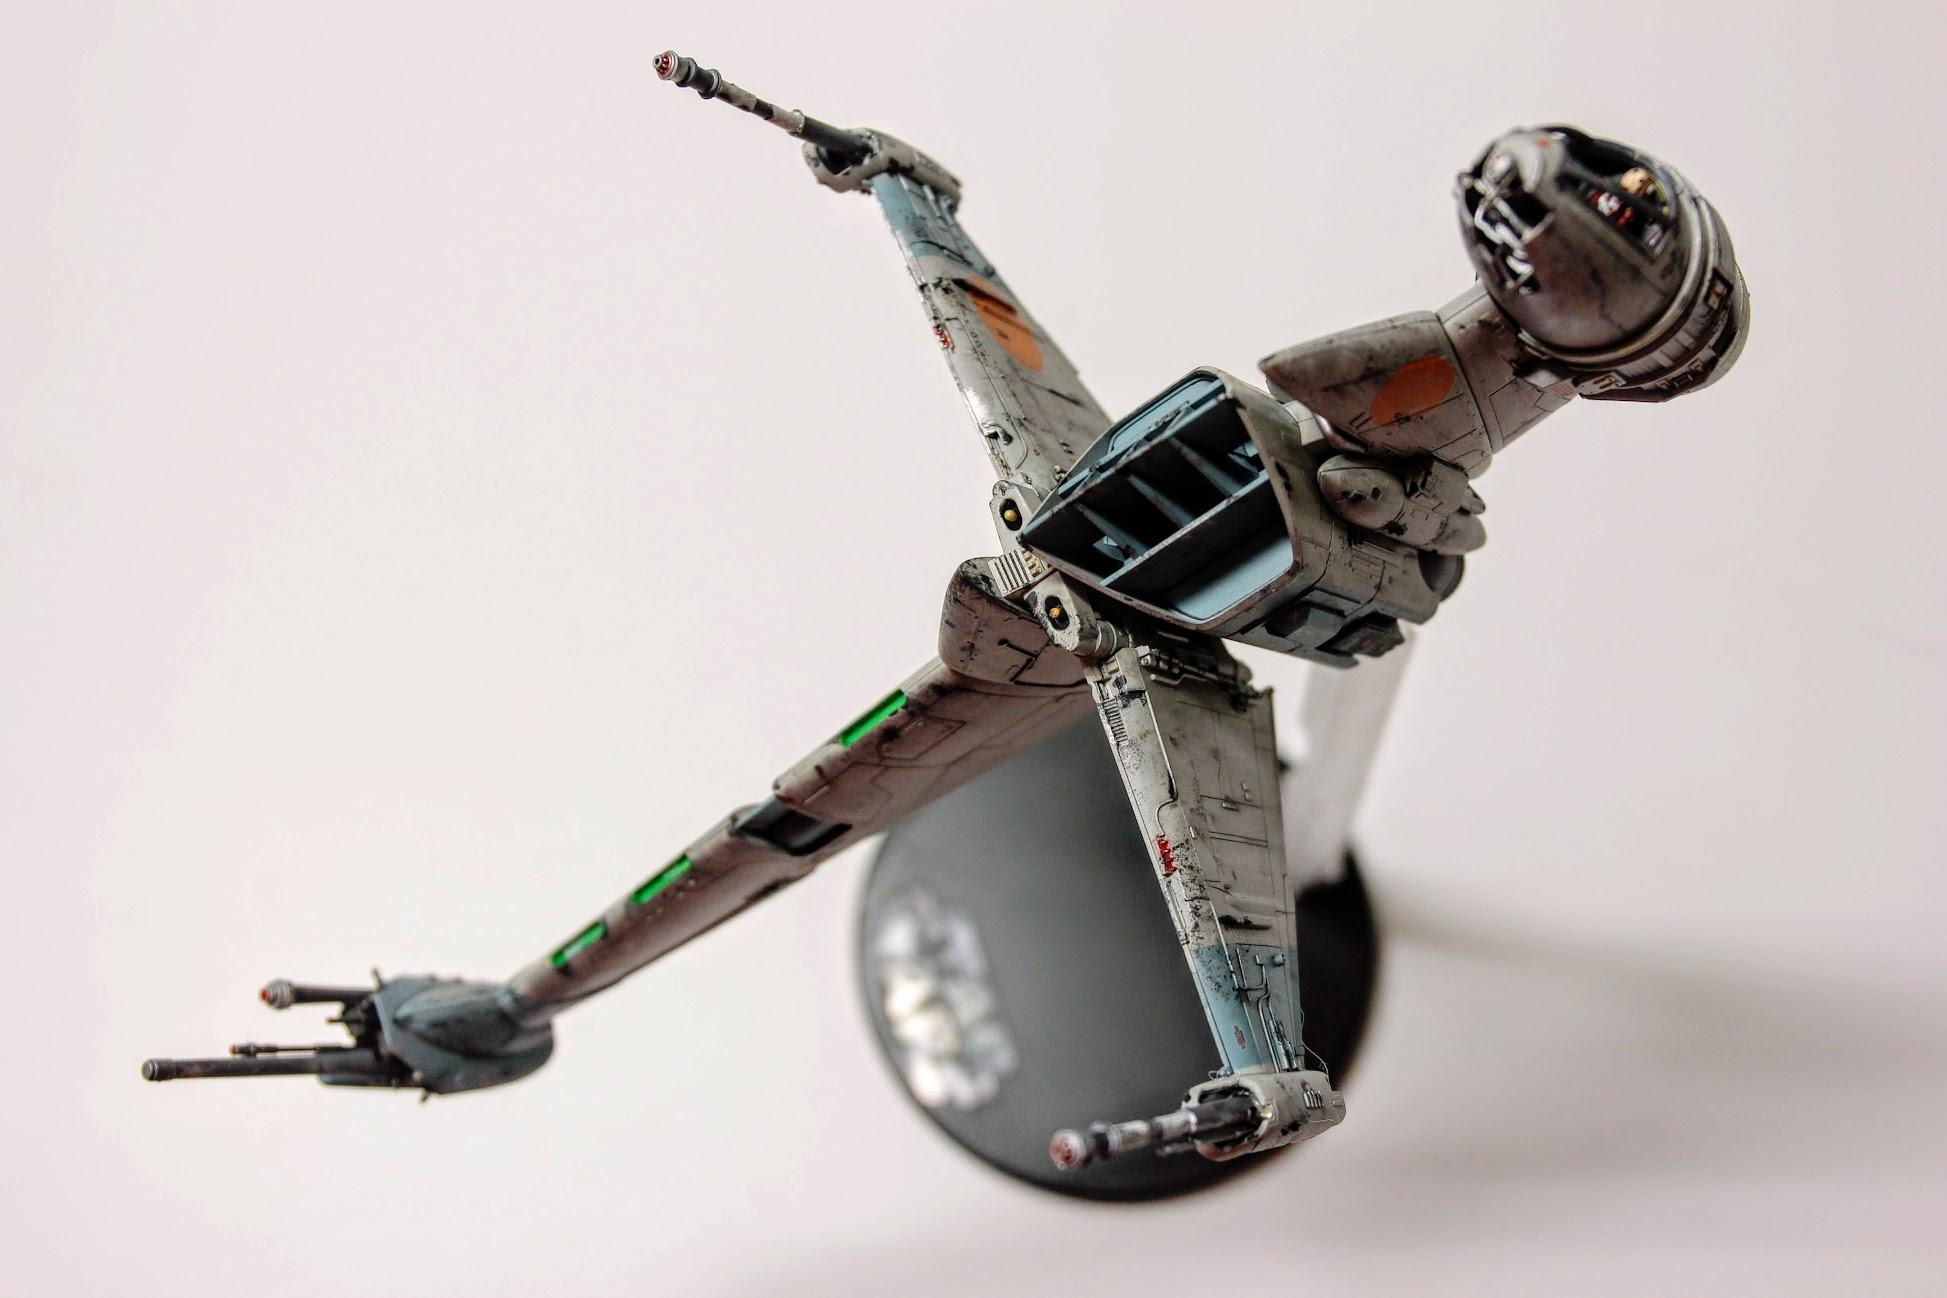 我愛的機體 B-wing 啊!另一架就是 TIE defender了,二台完全不同取向XD